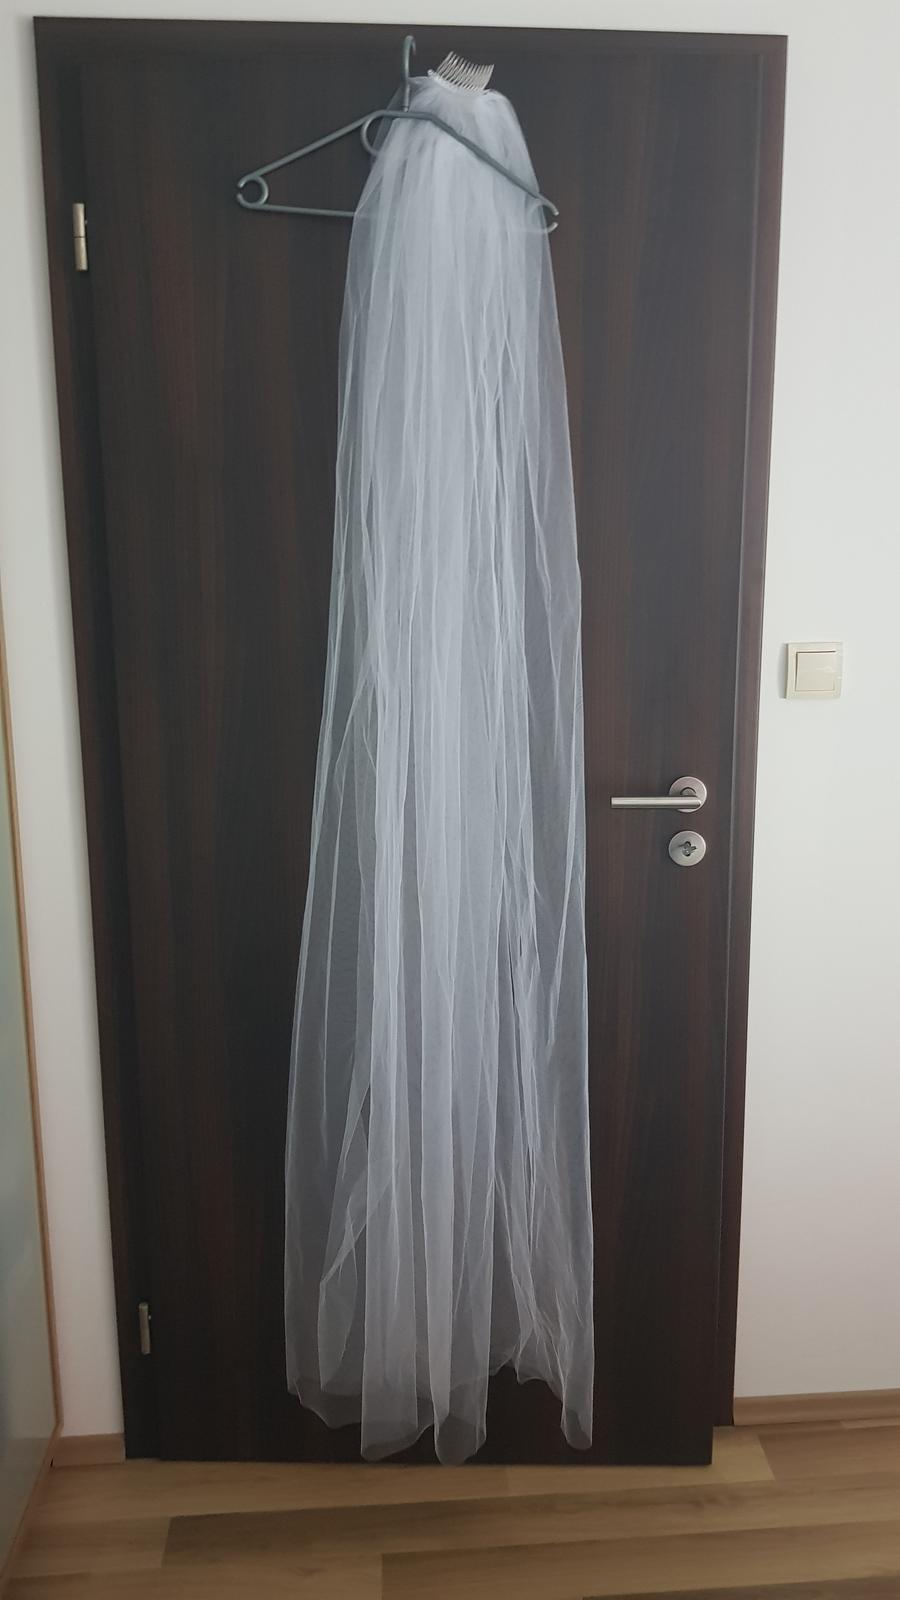 bílý tylový jednovrstvý závoj 175 cm dlouhý s hřebínkem - Obrázek č. 1